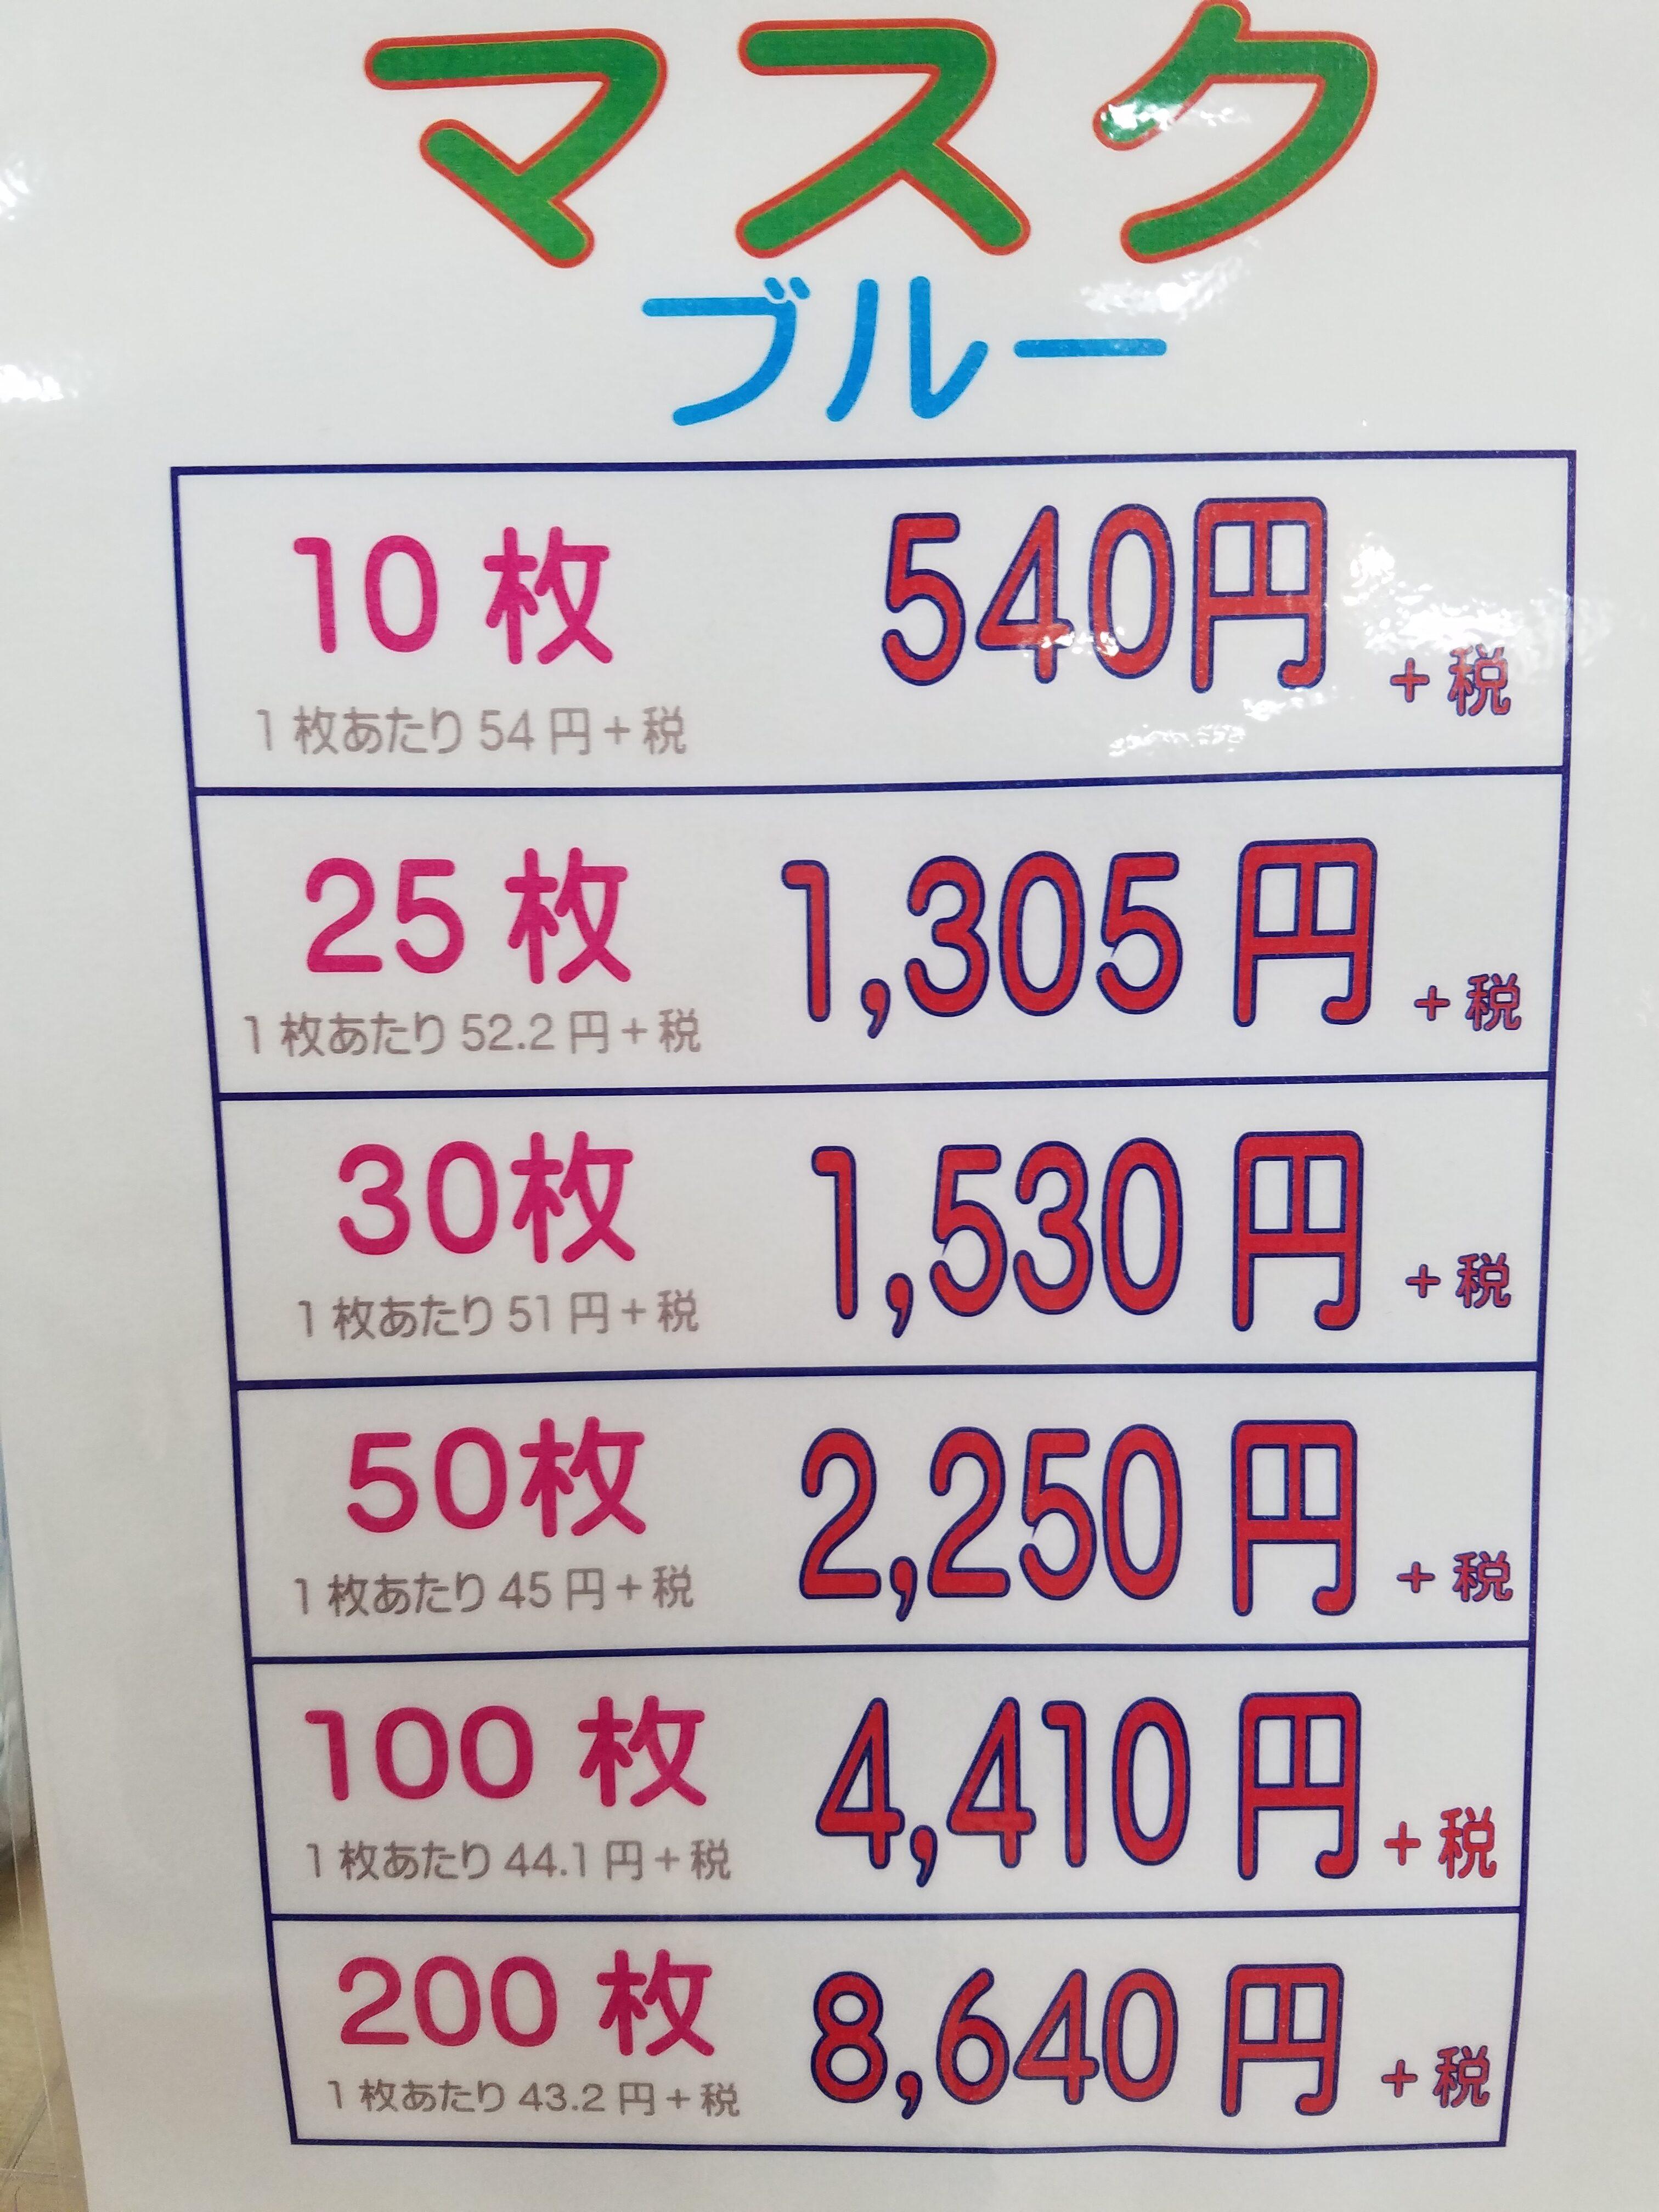 JURIP/モバイル修理.jp 箱入マスク入荷&値下げ!!:イメージ